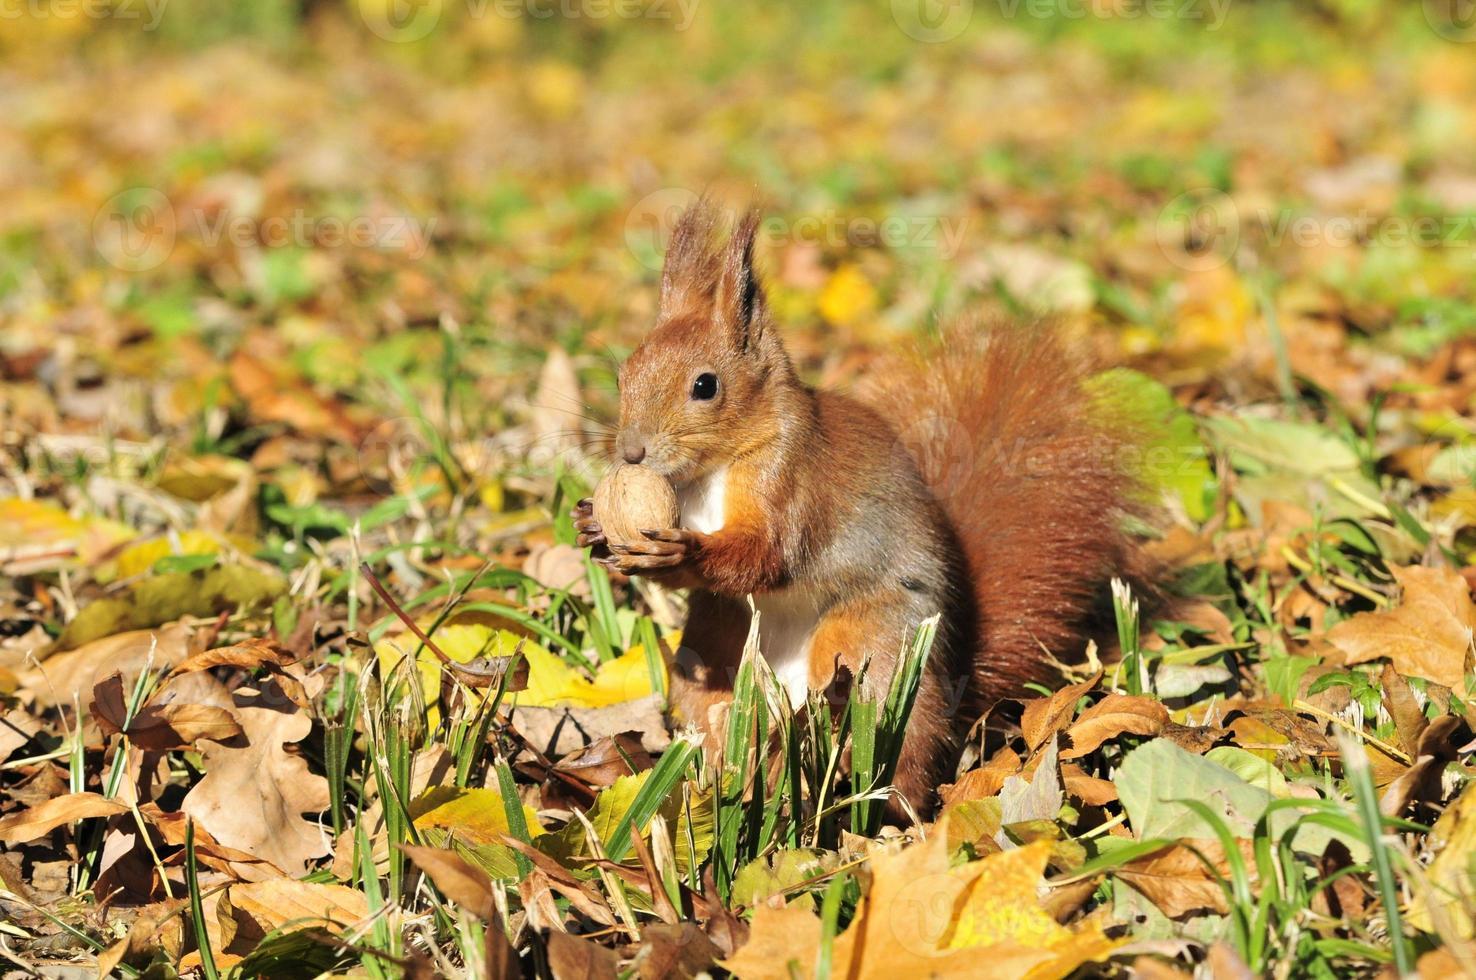 . Eichhörnchen - ein Nagetier aus der Familie der Eichhörnchen. foto